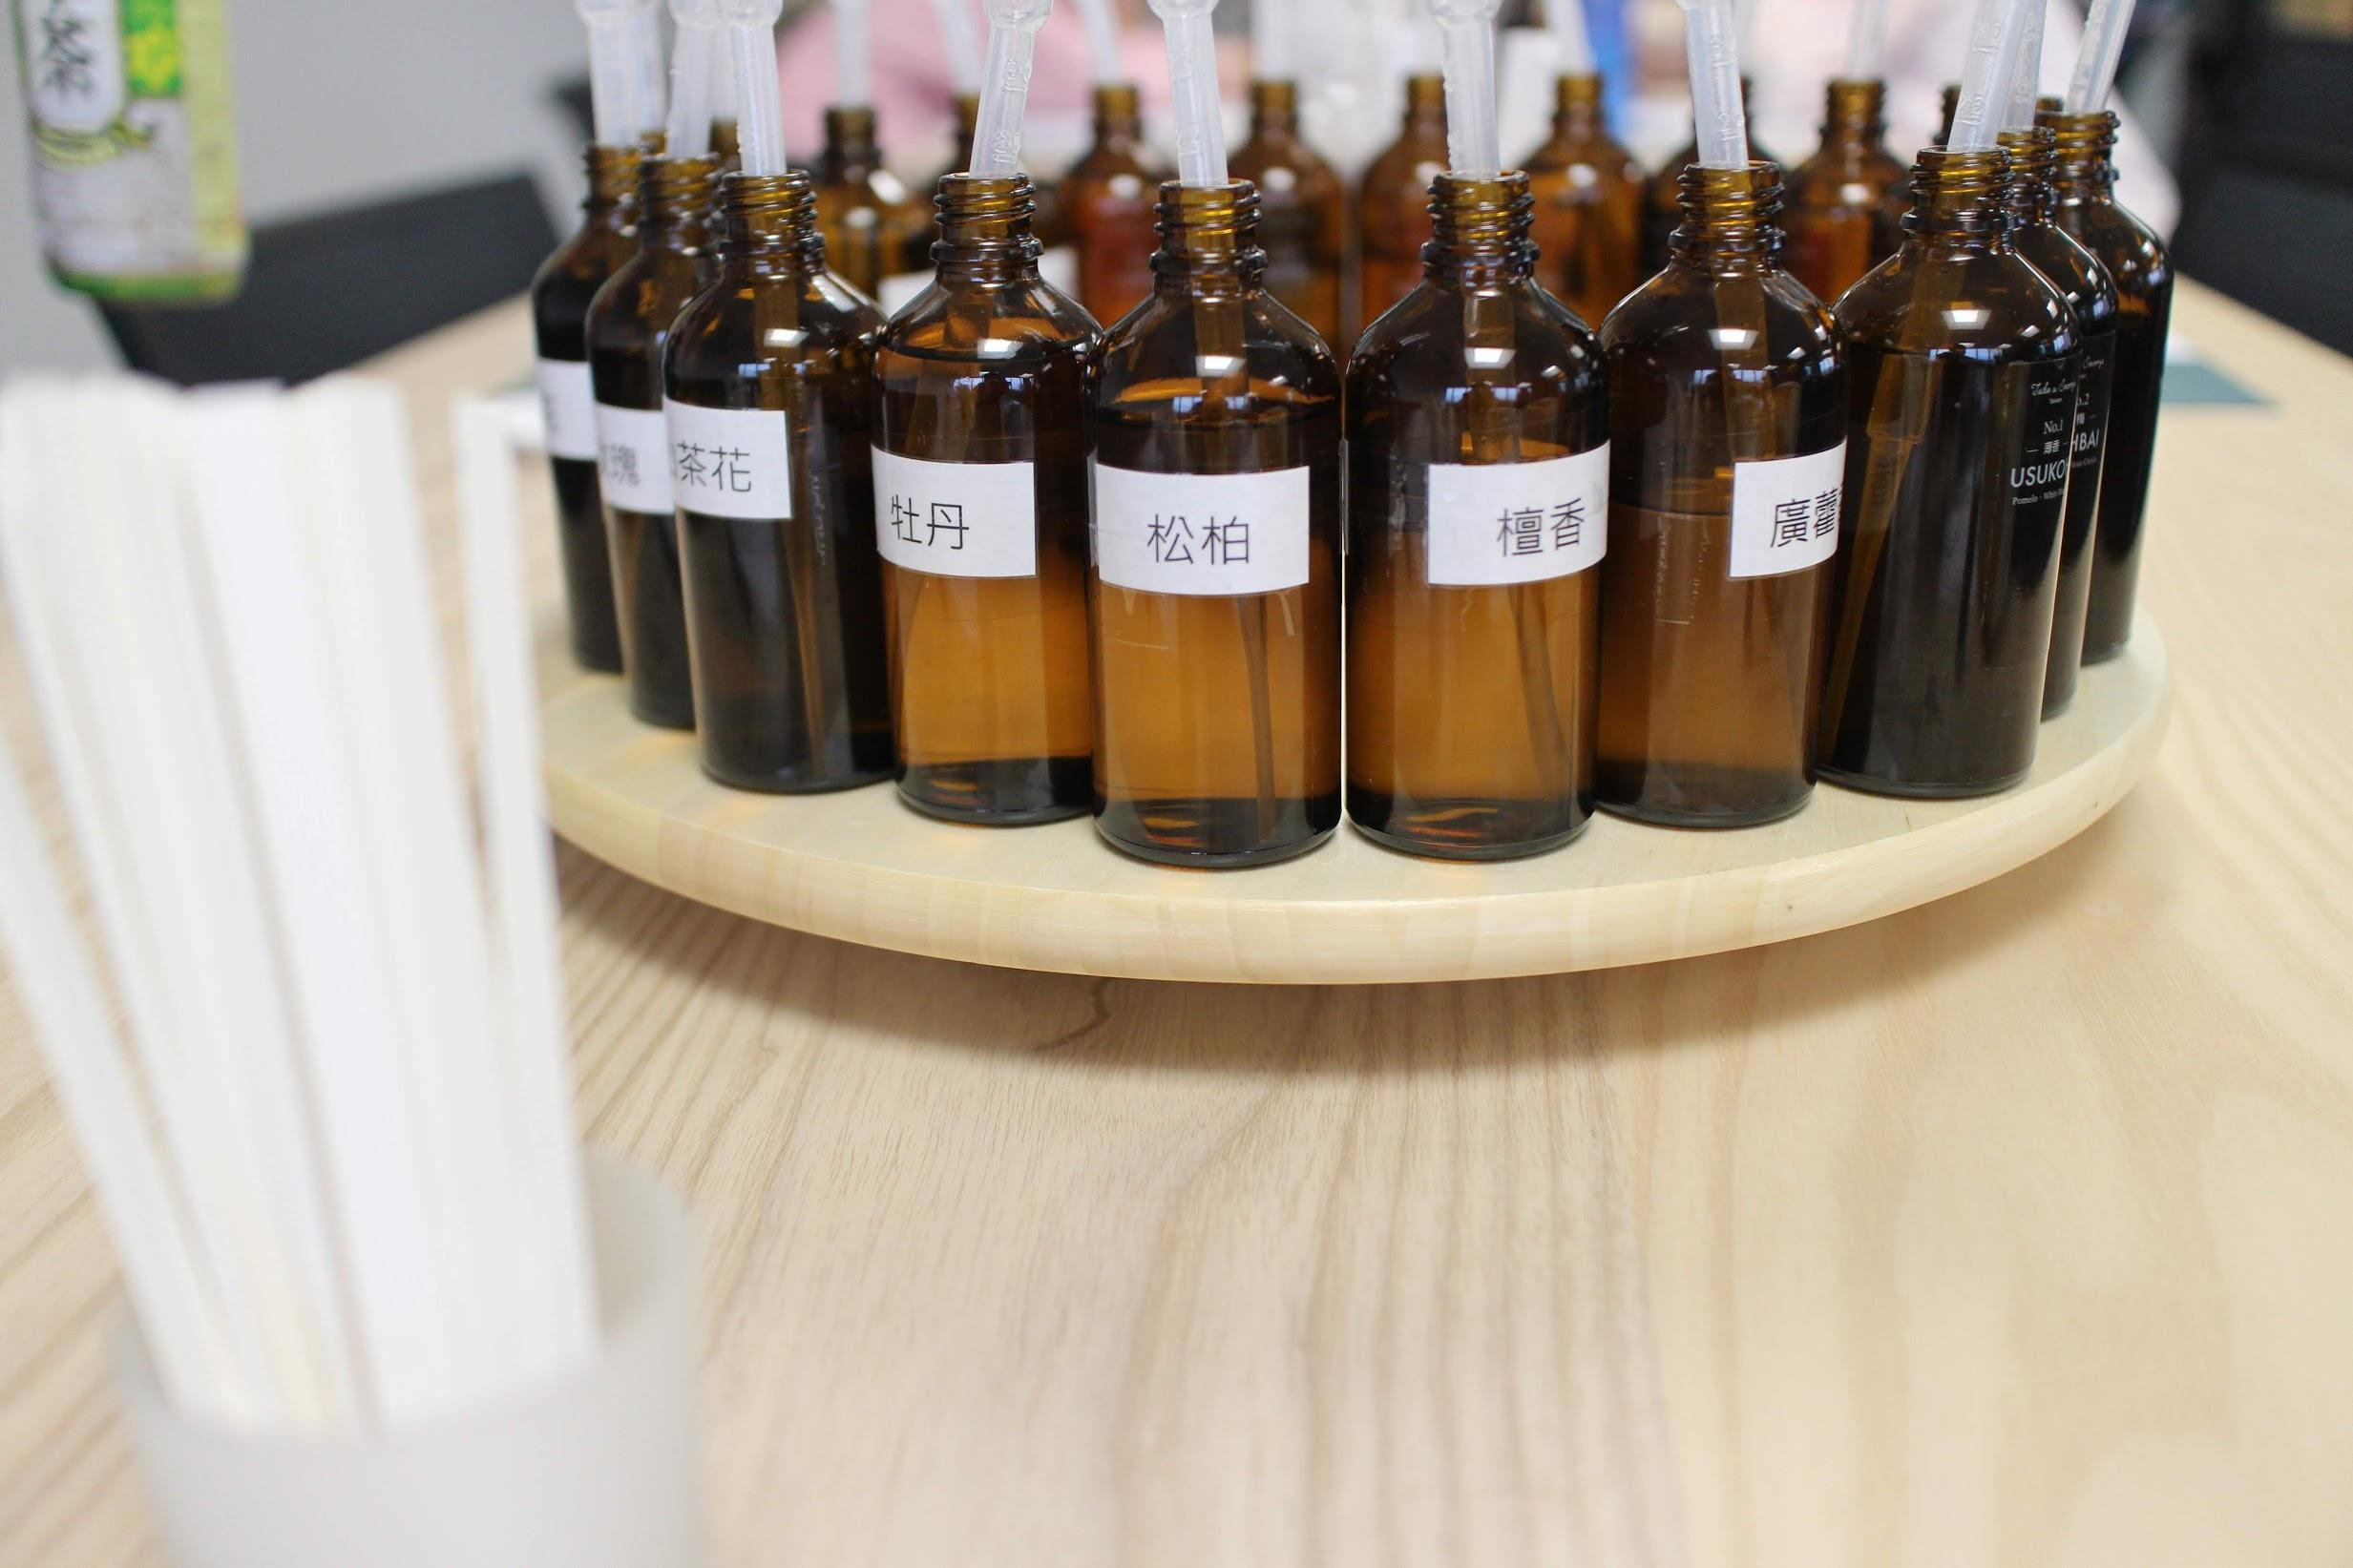 調製香水課程